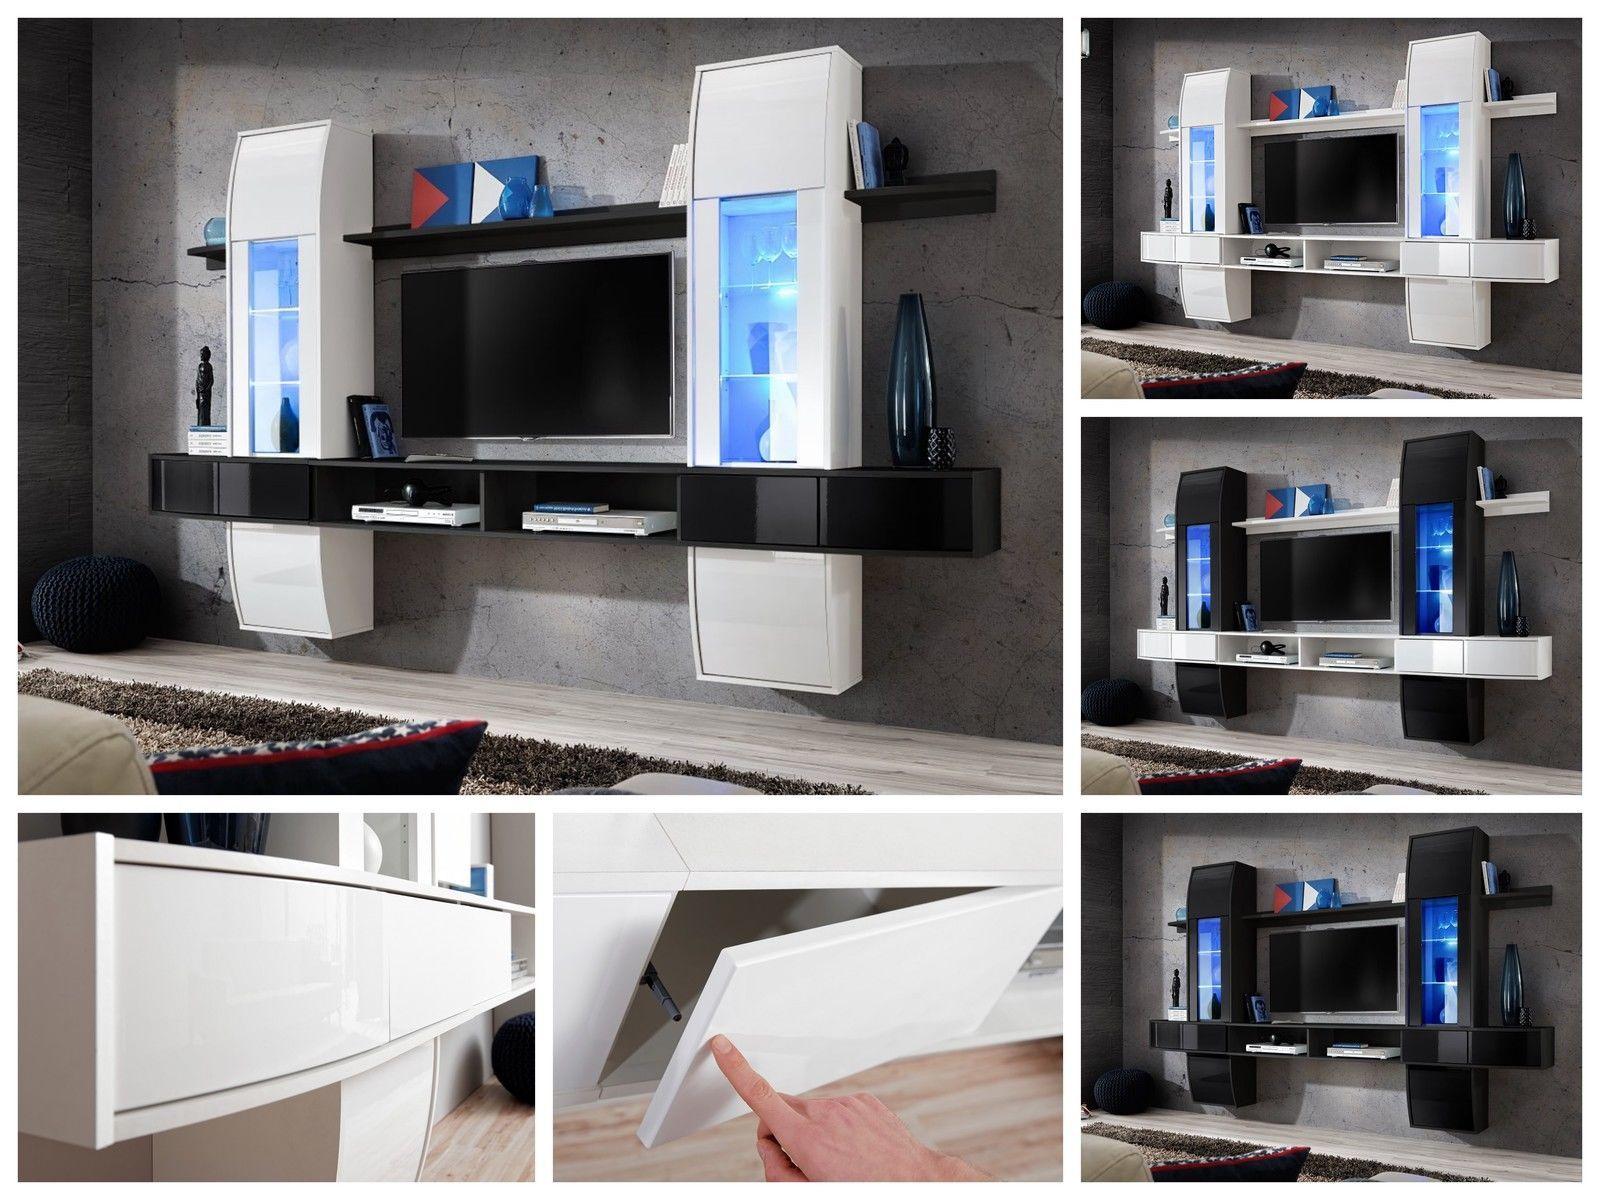 Fesselnde Wohnzimmer Schrankwand Ideen Von Anbauwand Et I Hochglanz Pvc Led Beleuchtung